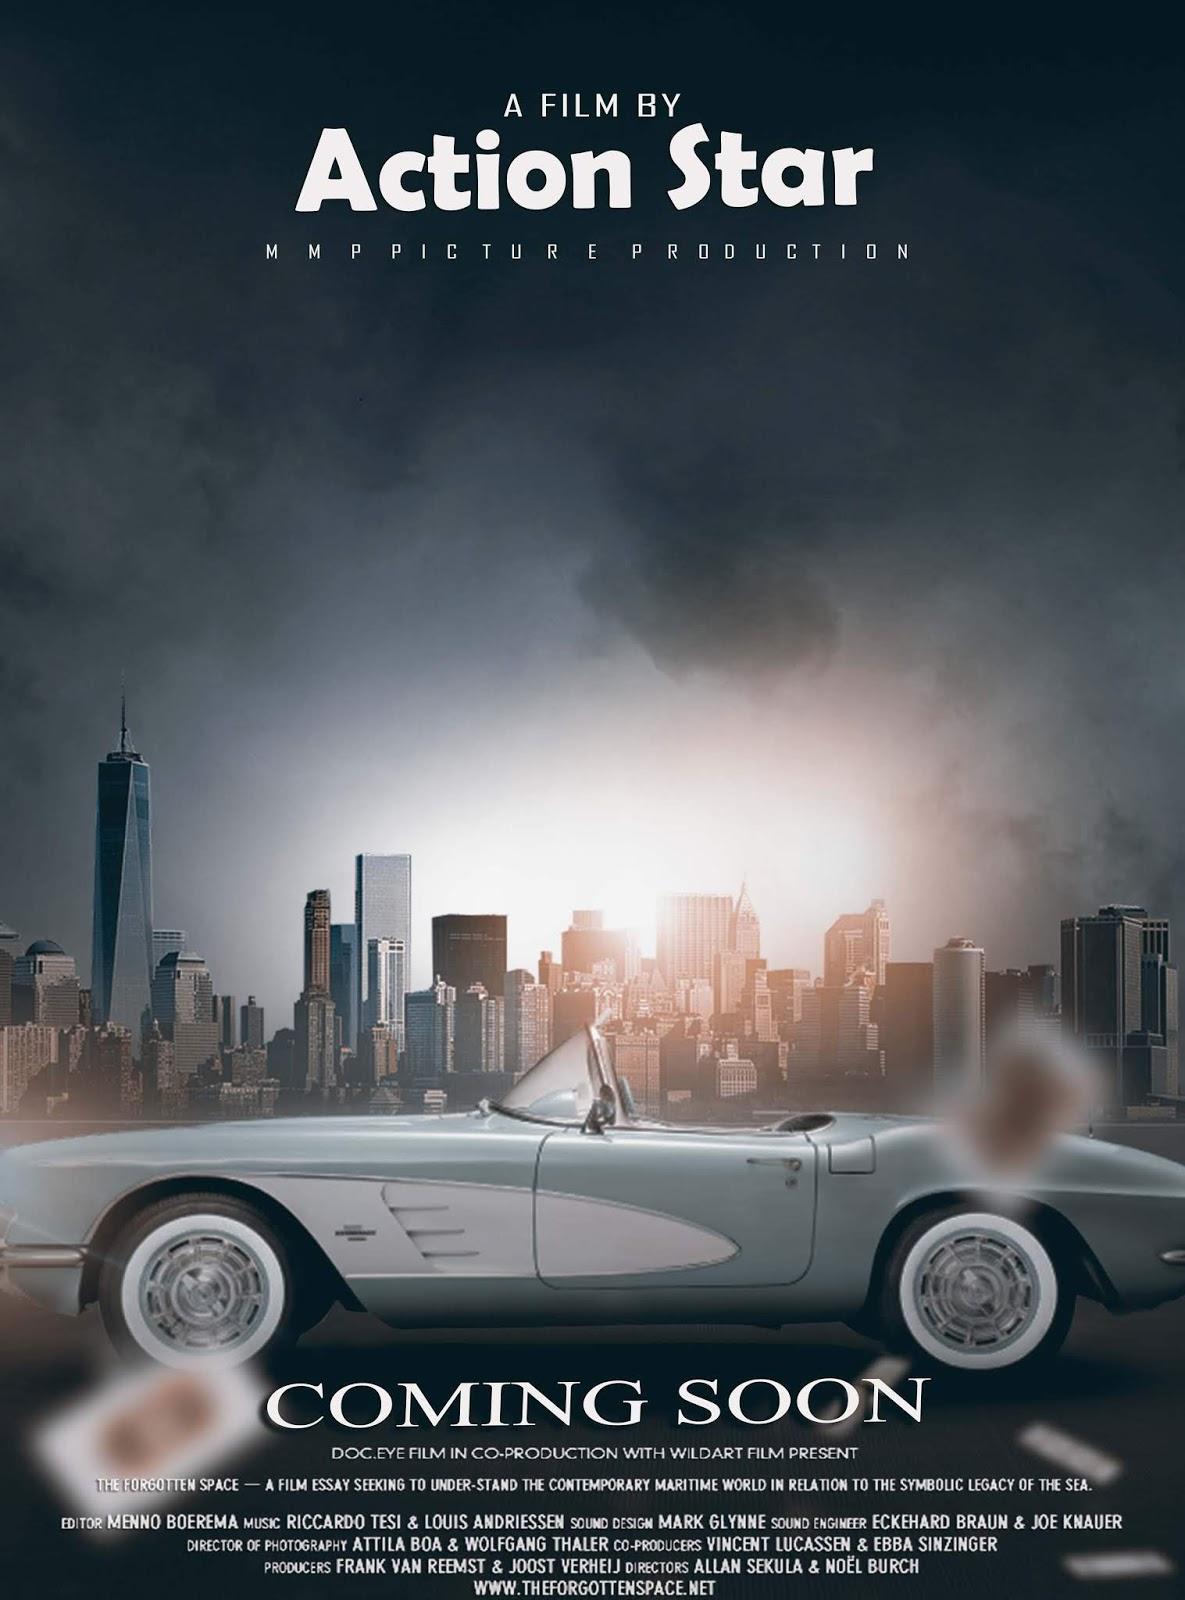 Movie Poster Background Online